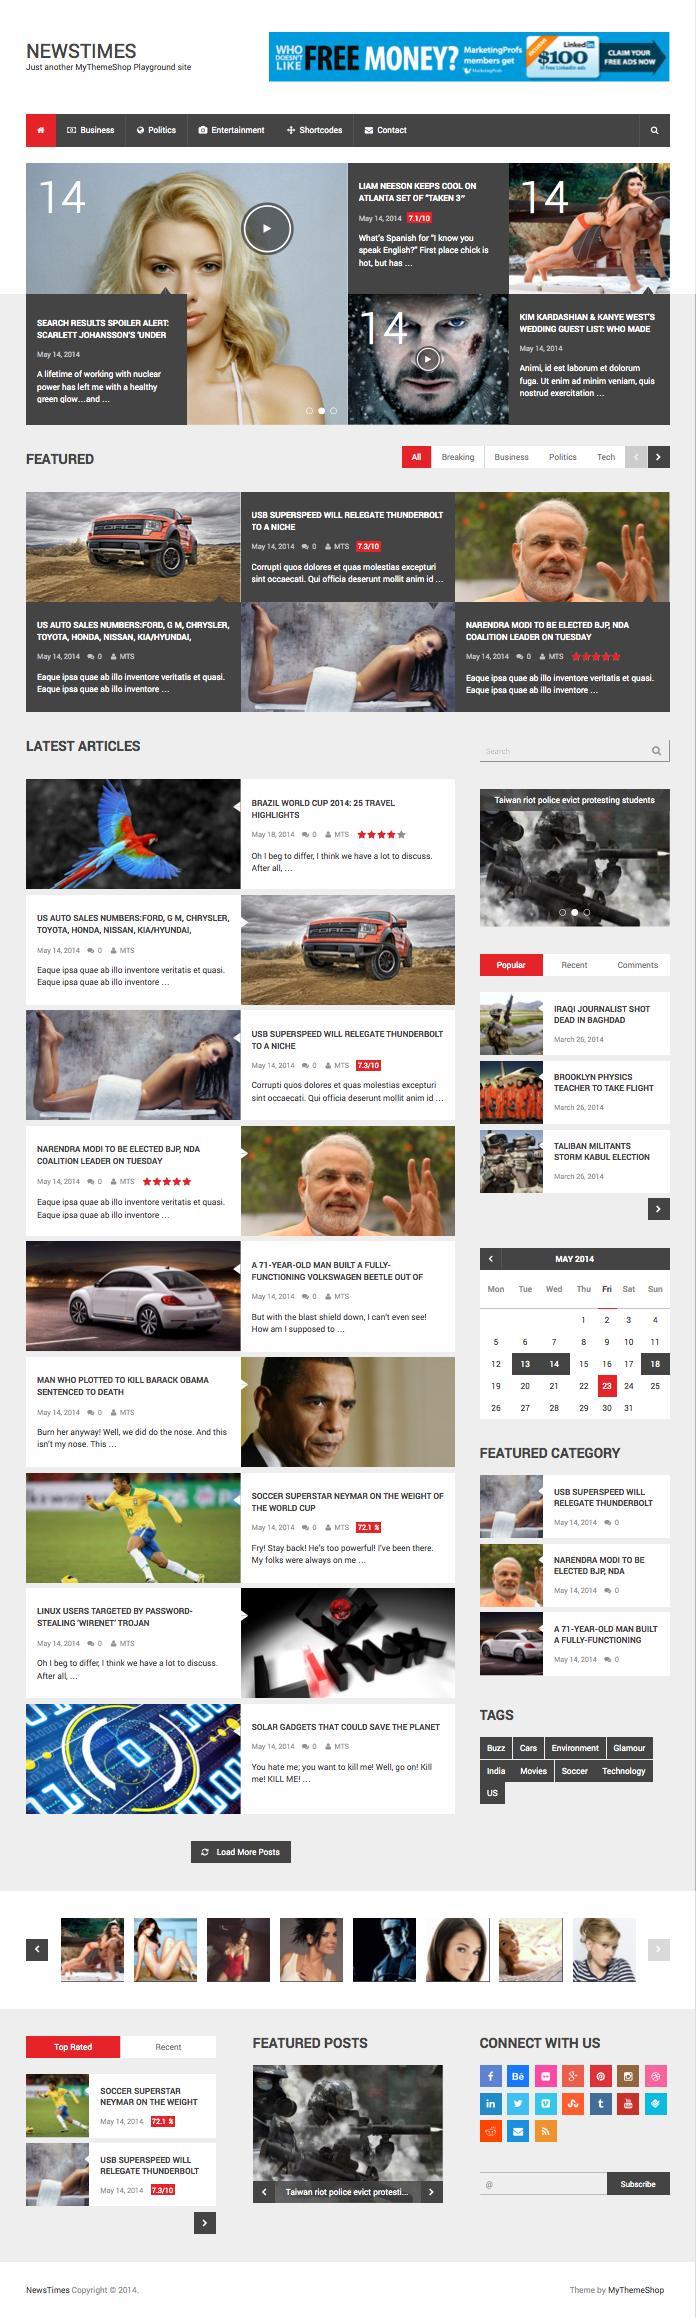 NewsTimes WordPress Magazine Style Theme